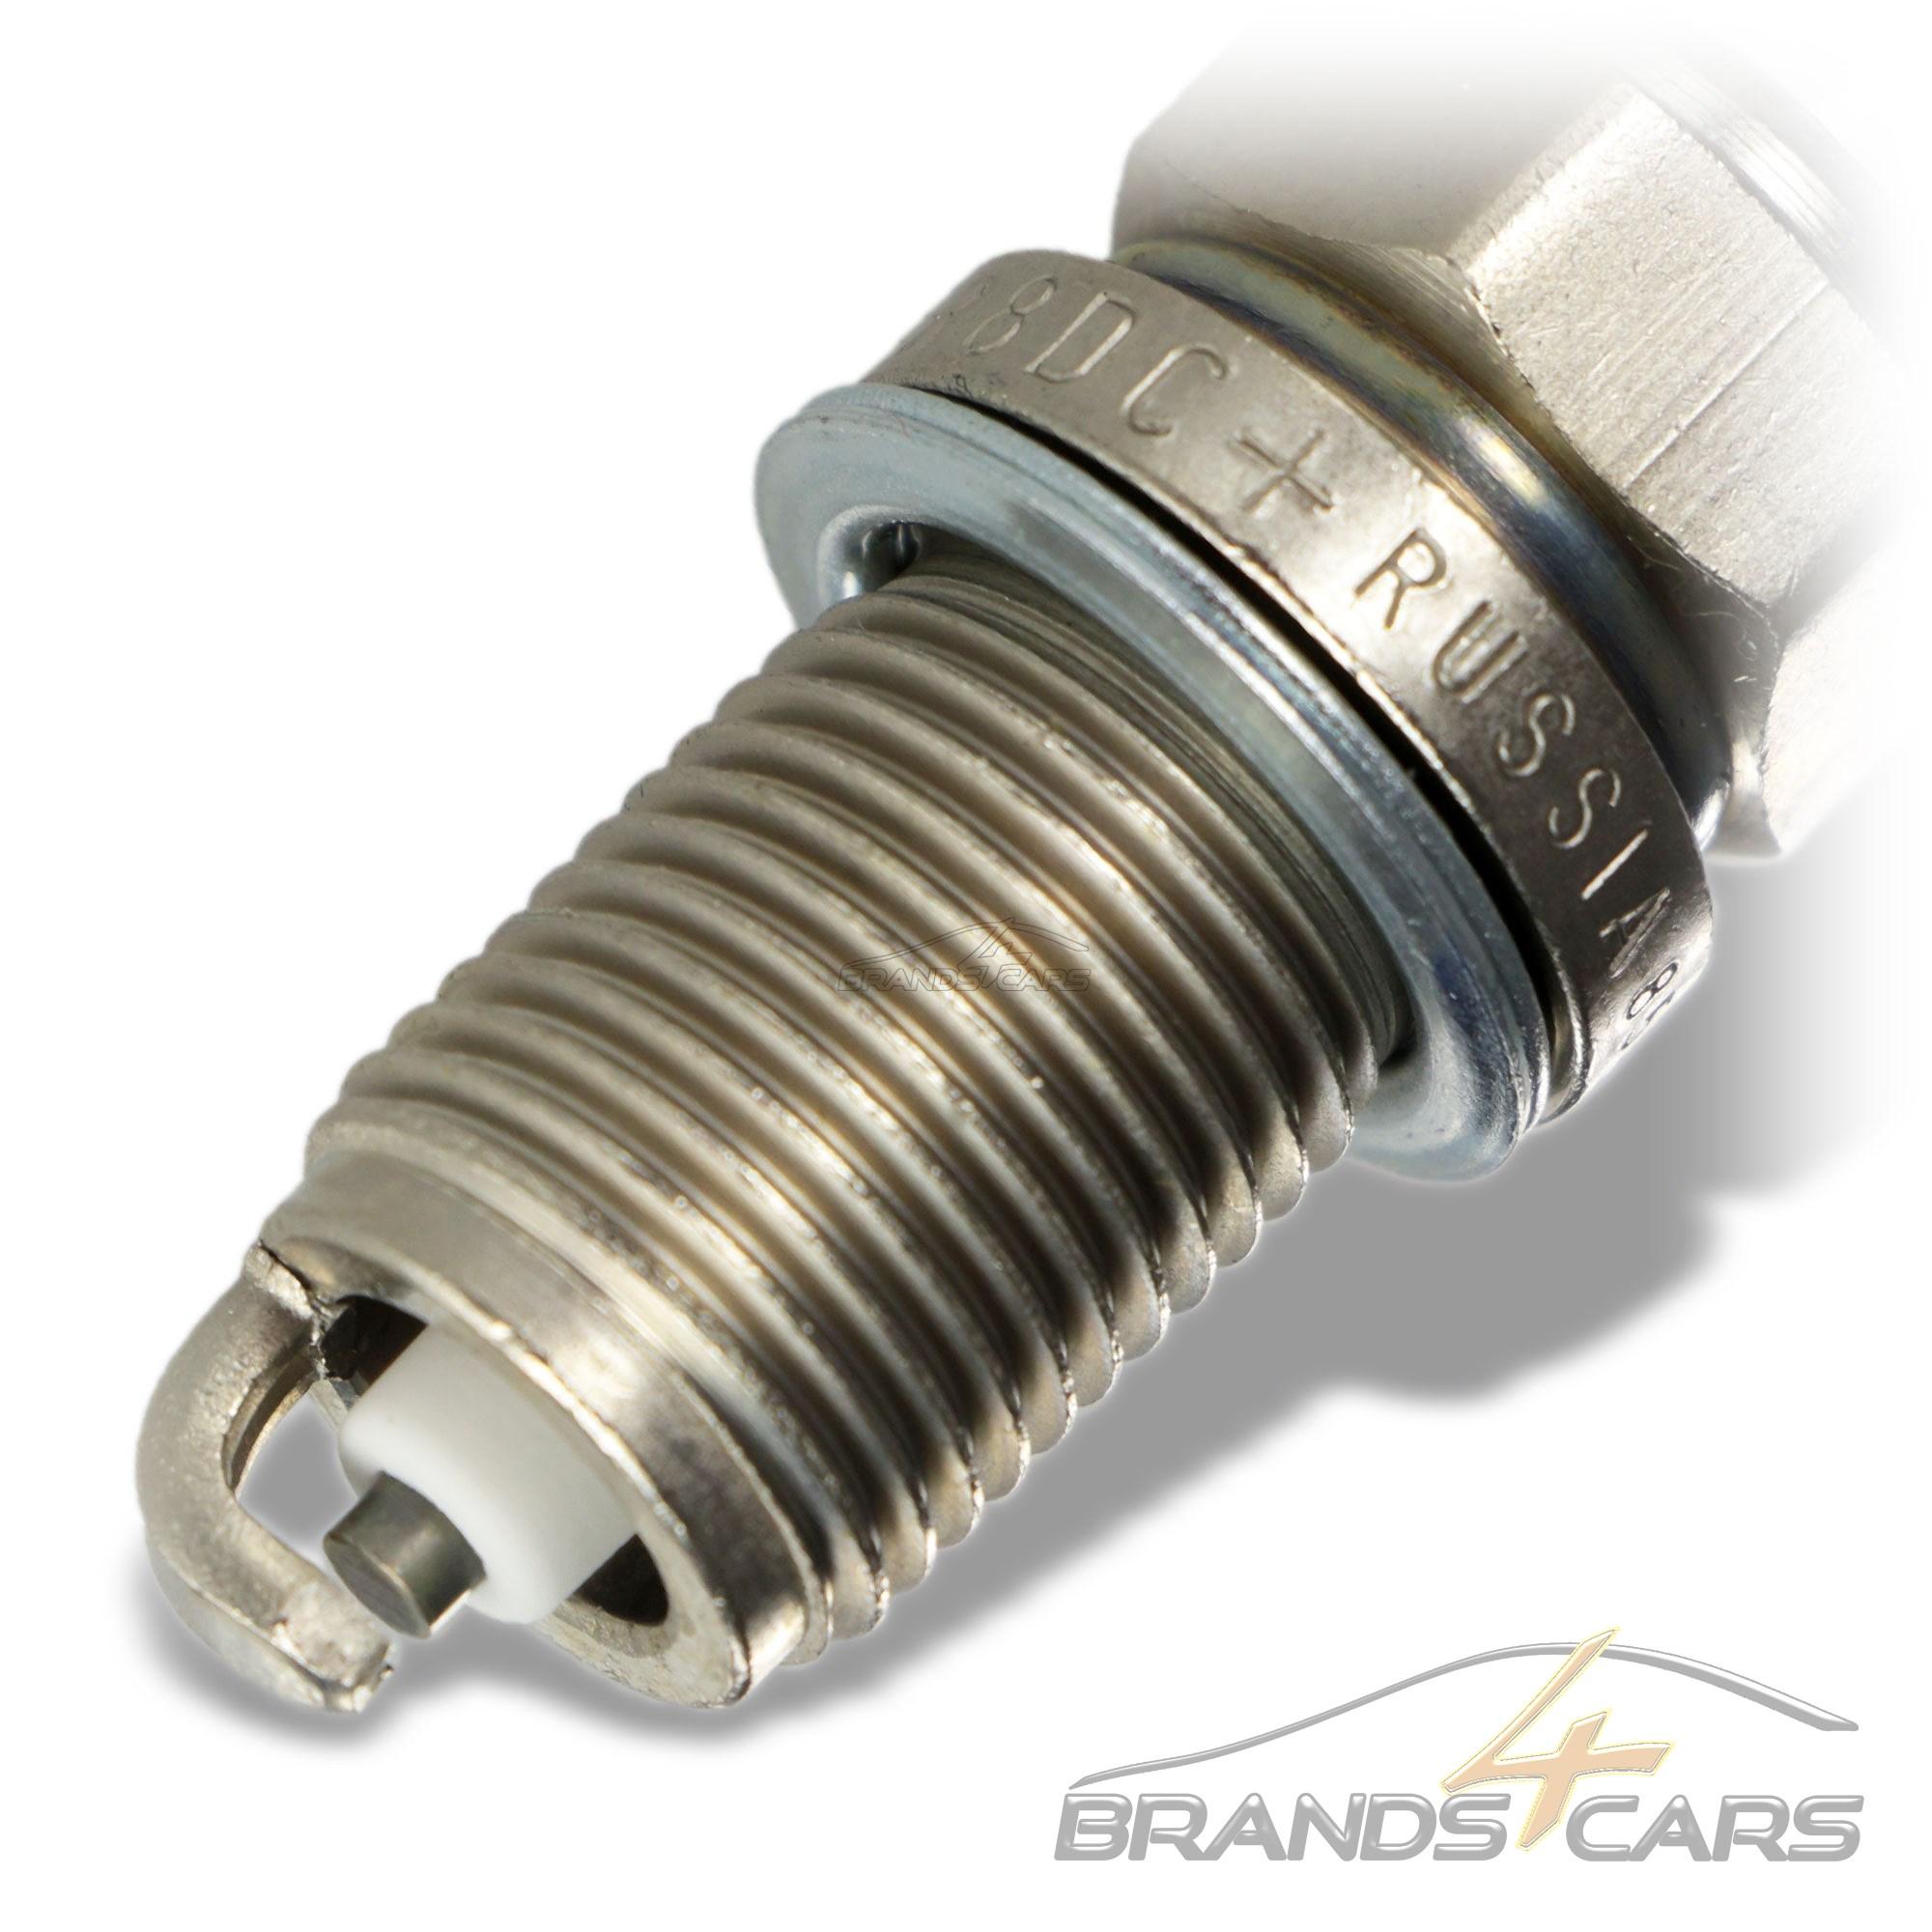 4x-original-Bosch-bujia-Fiat-Seicento-1-1-00-10-Stilo-1-6-1-8-Strada-1-2 miniatura 3